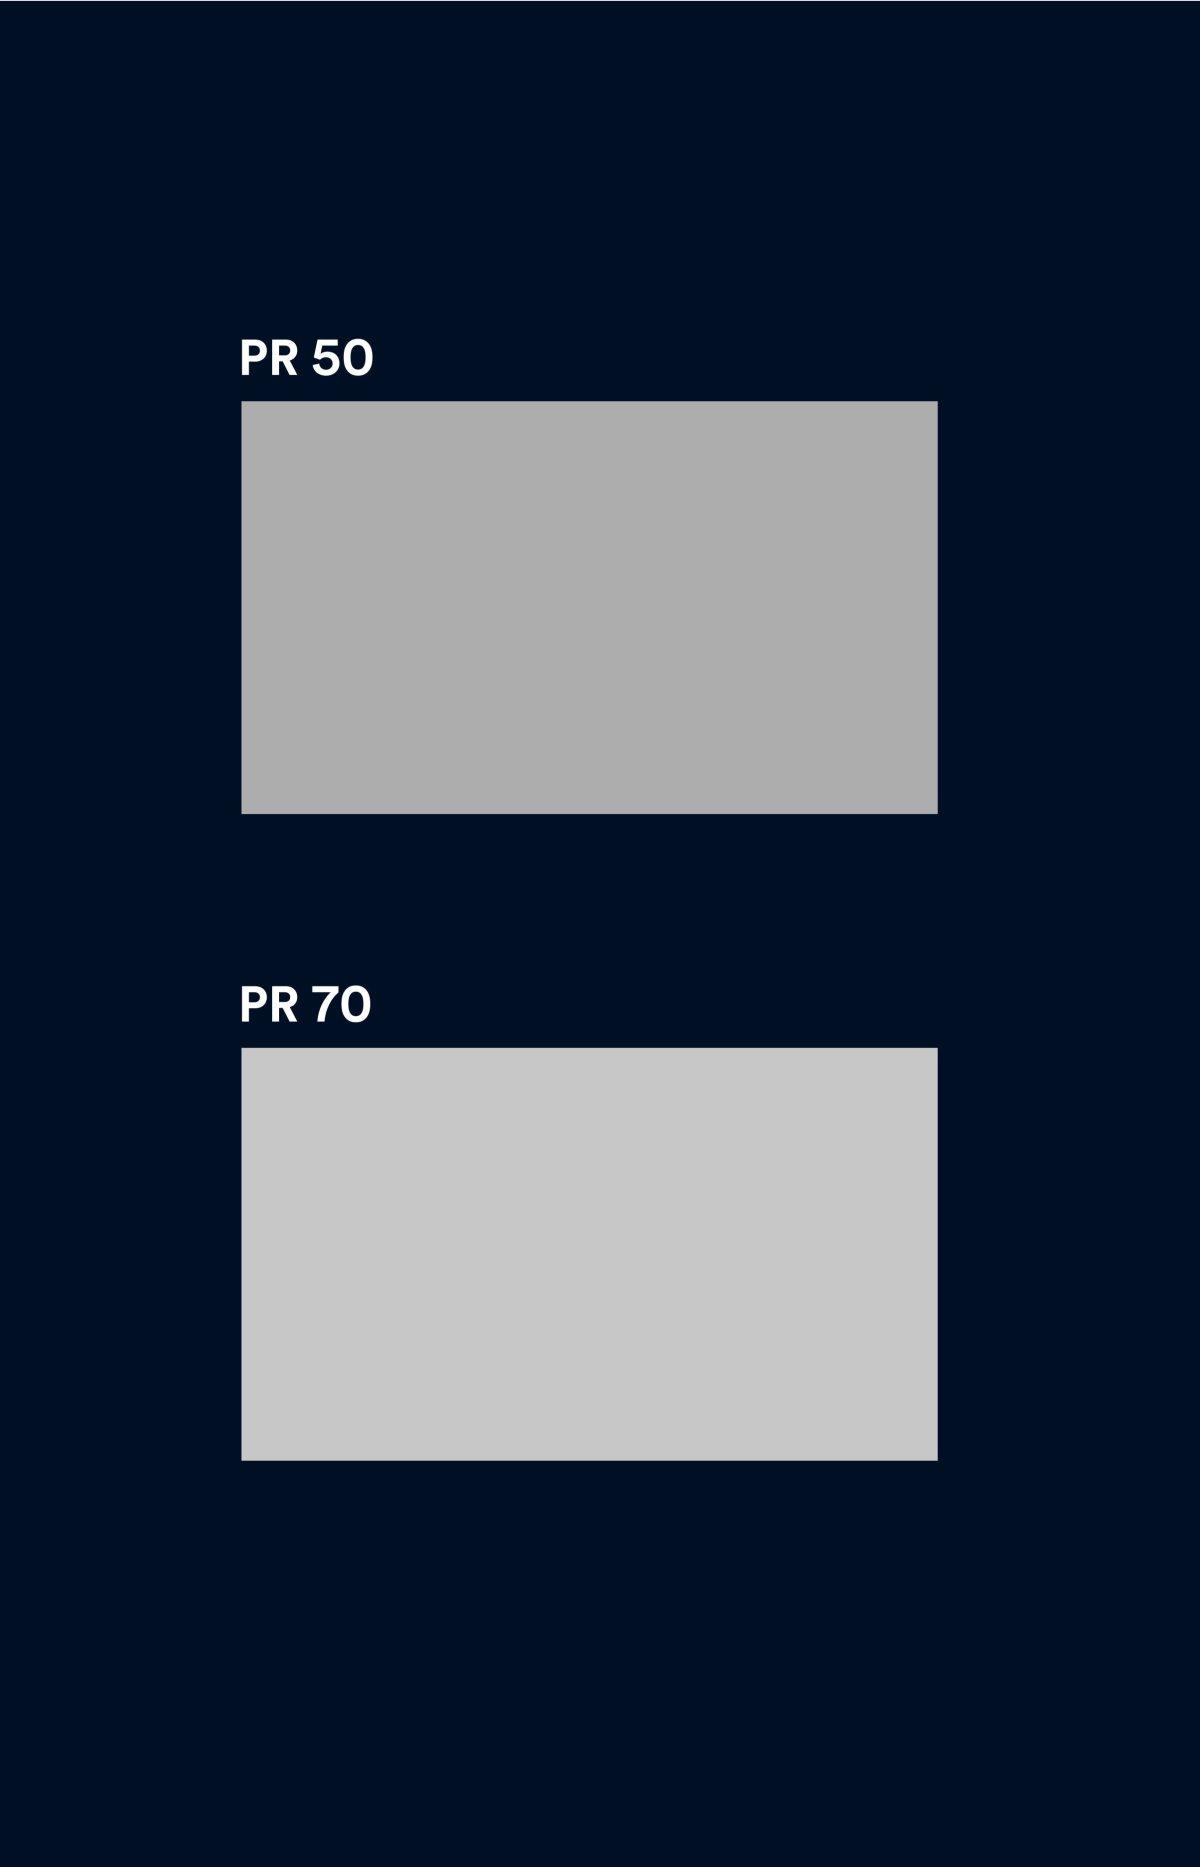 ฟิล์มกรองแสงรุ่น เพรสทีจ PR-70 *แก้ไขราคา